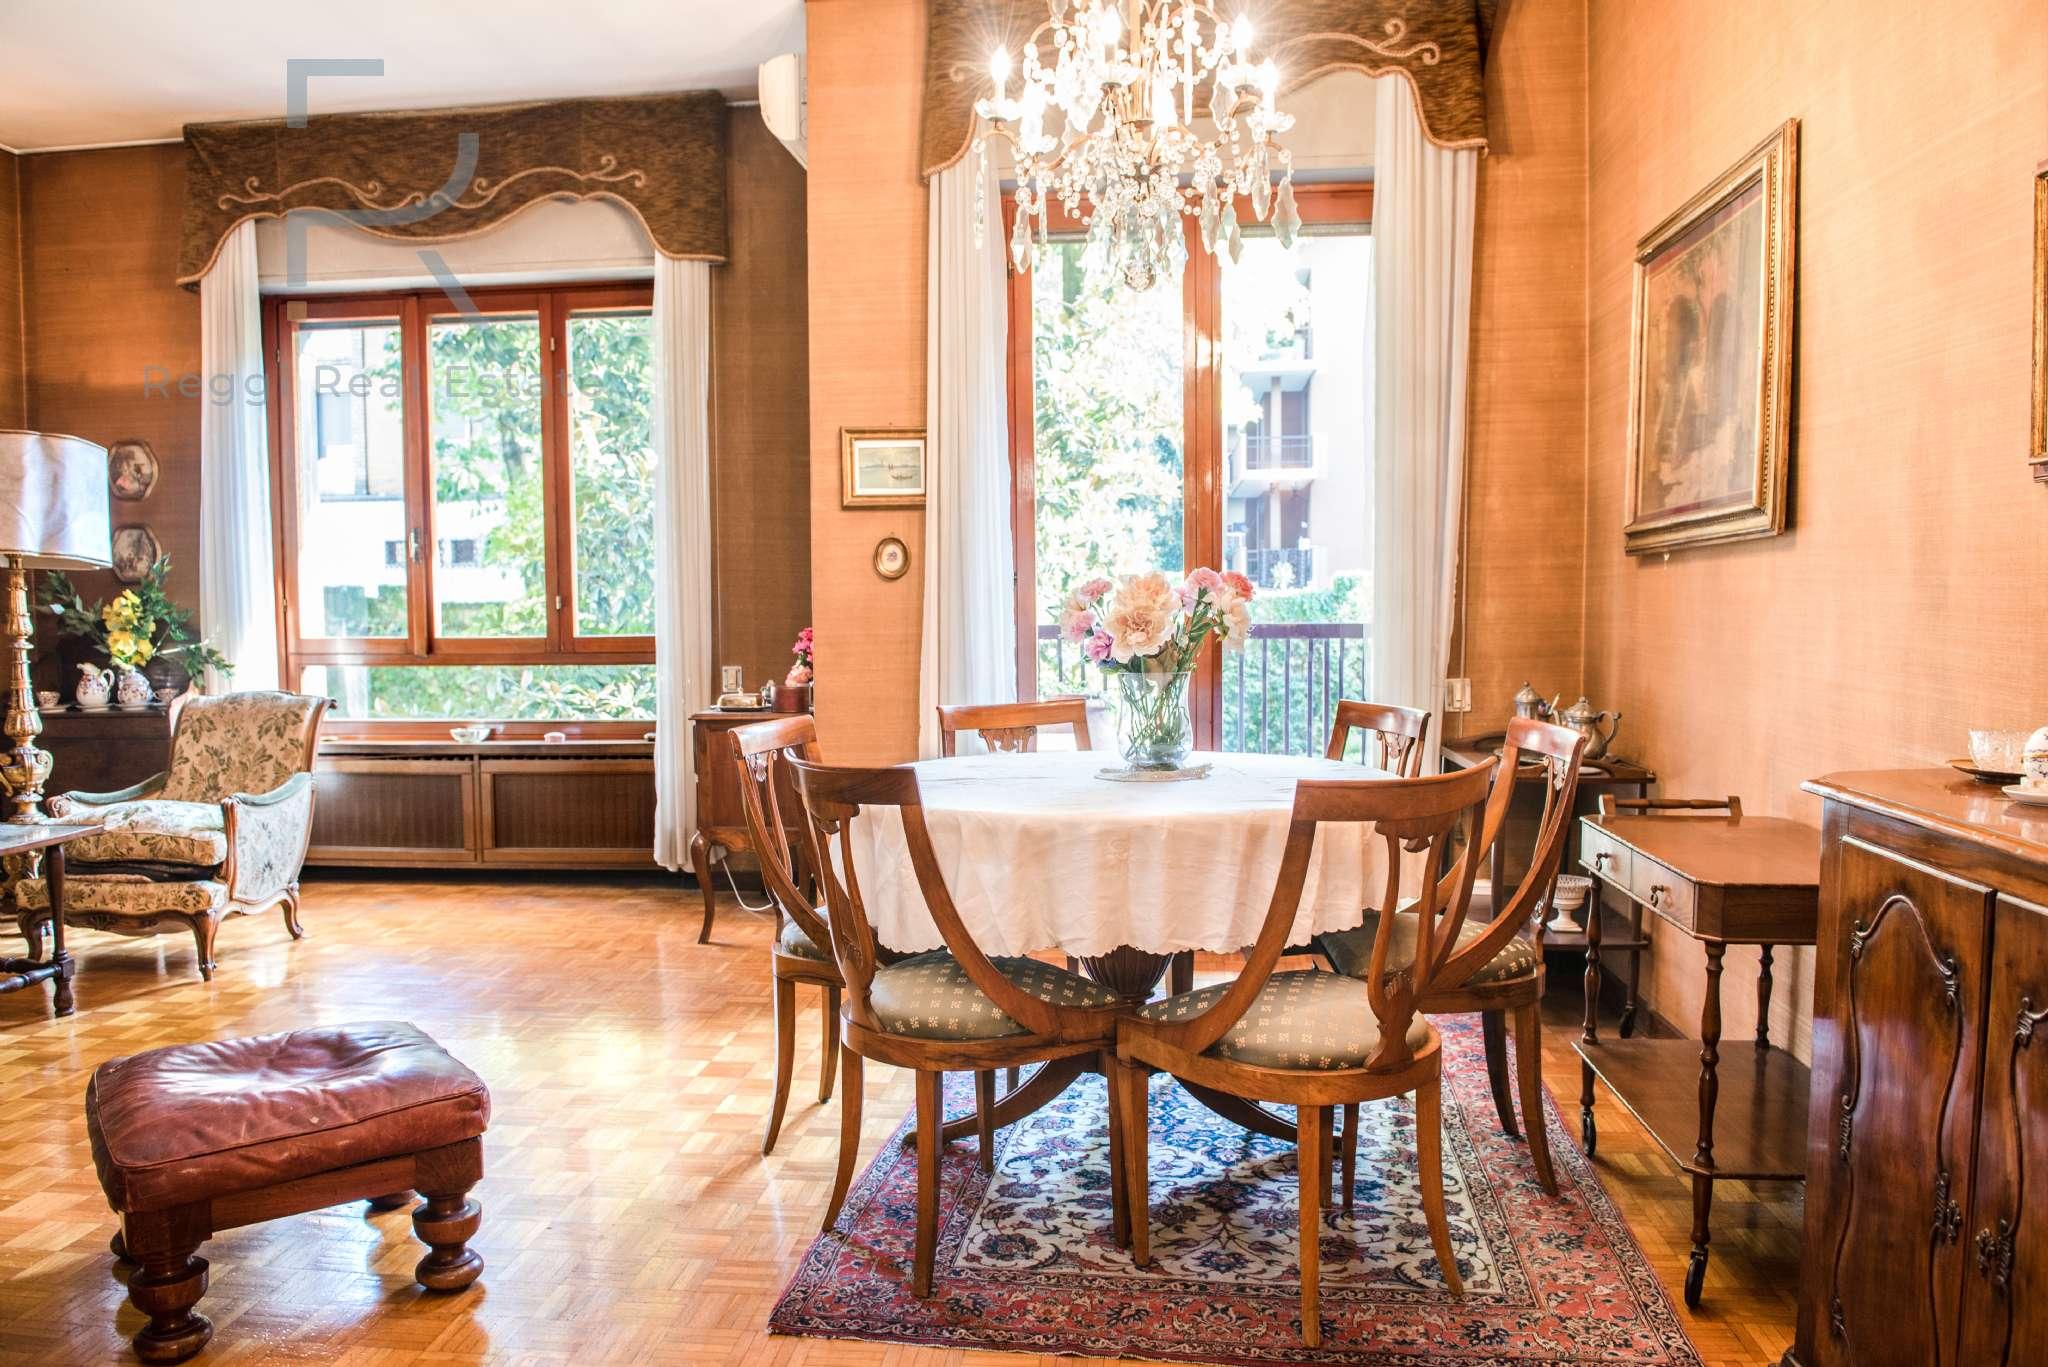 Appartamento in Vendita a Milano 18 Ippodromo / San Siro / Zavattari:  4 locali, 135 mq  - Foto 1